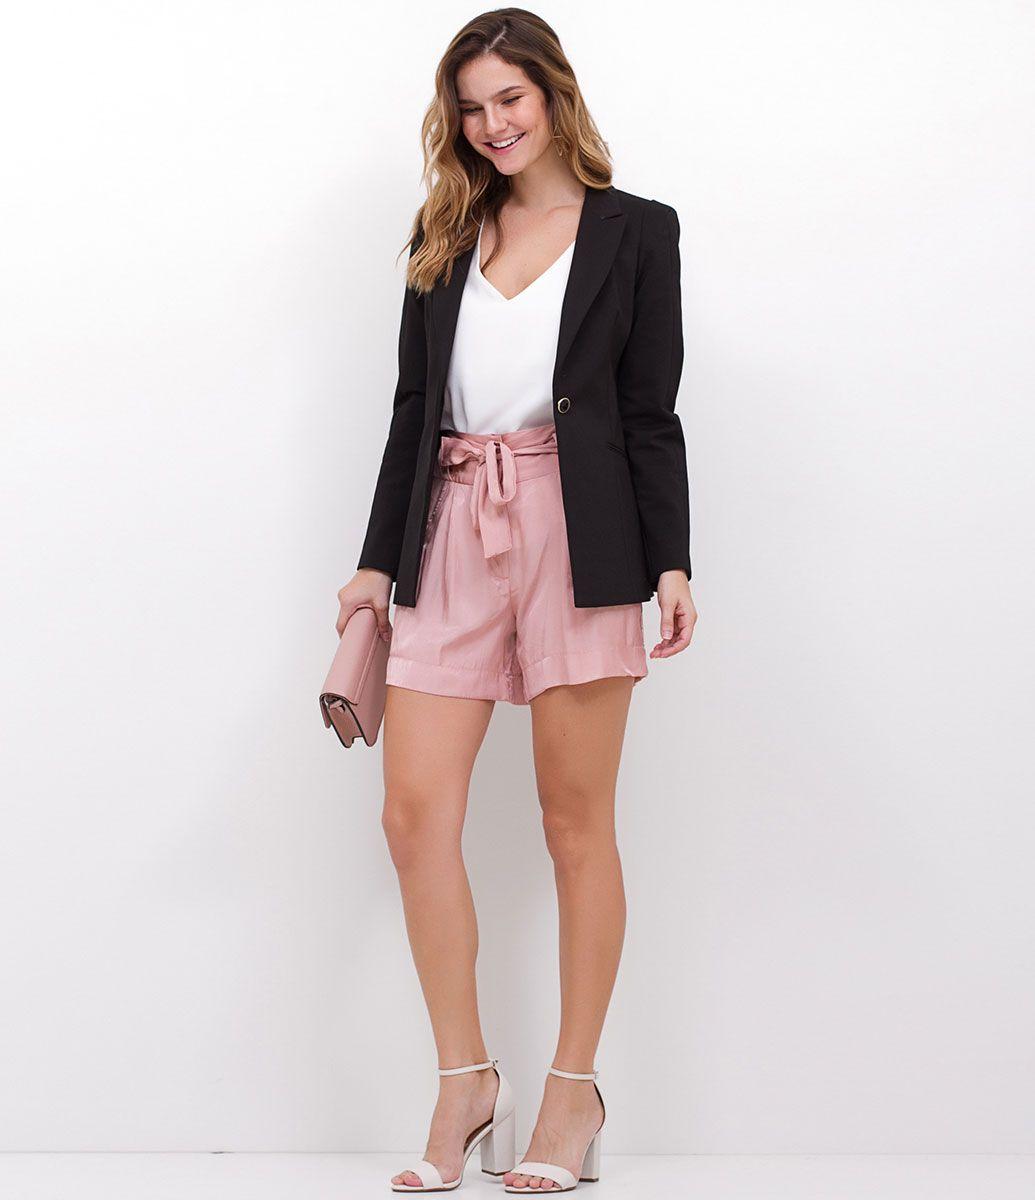 5a67798600 Blazer feminino Modelo Alongado Marca  A-Collection Tecido   algodão elastano Composição  51% algodão 46% Poliéster